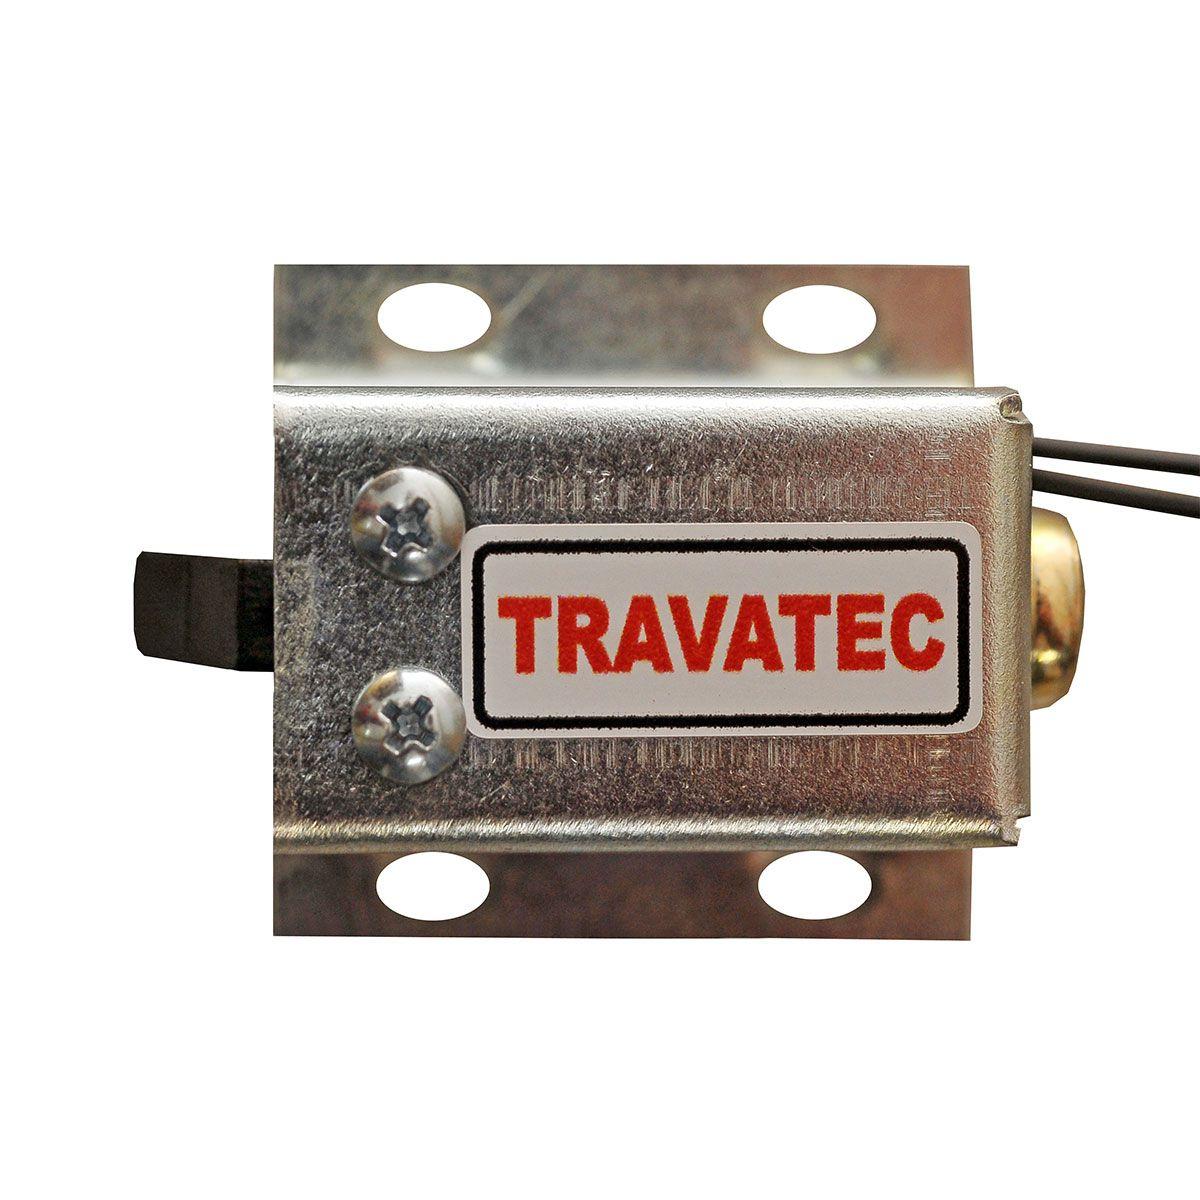 Mini Fechadura / Trava Elétrica 24v para Armários / Gavetas  - TE200